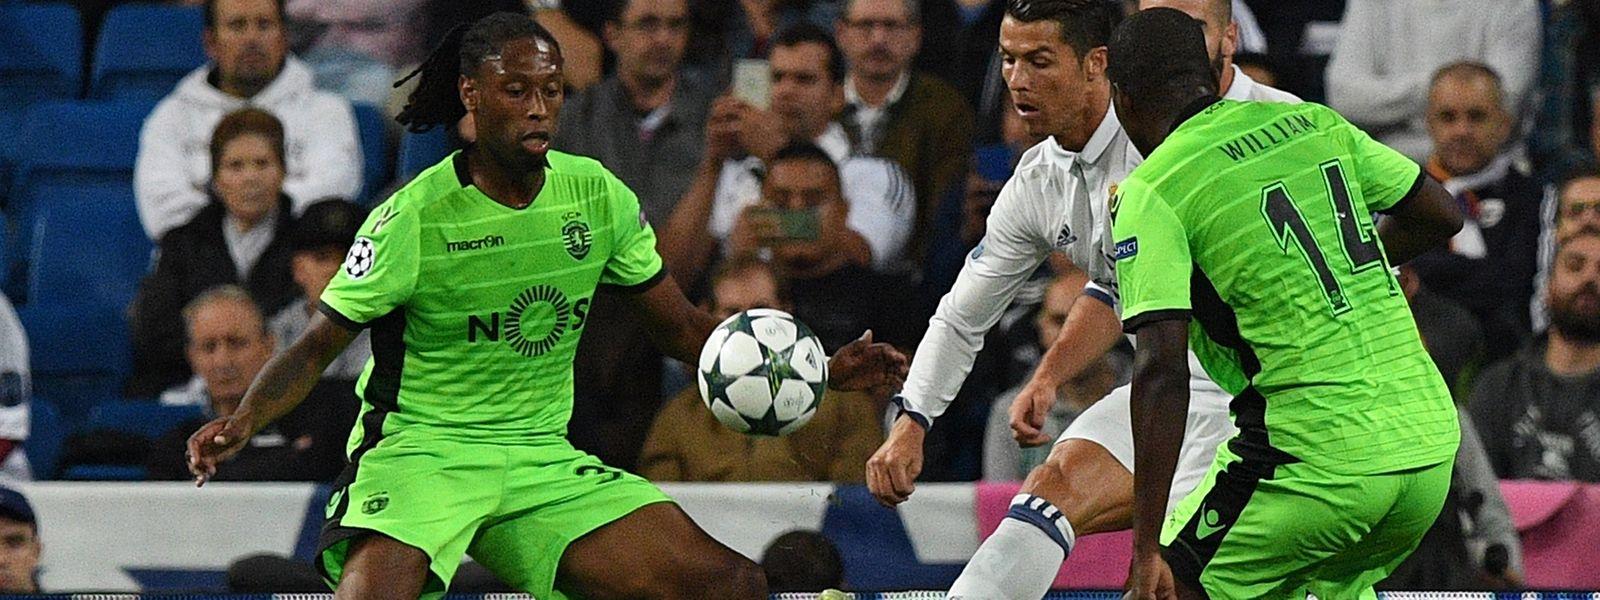 Cristiano Ronaldo (no meio) empatou para o Real a um minuto do fim e Álvaro Morata deu a vitória aos 'merengues'